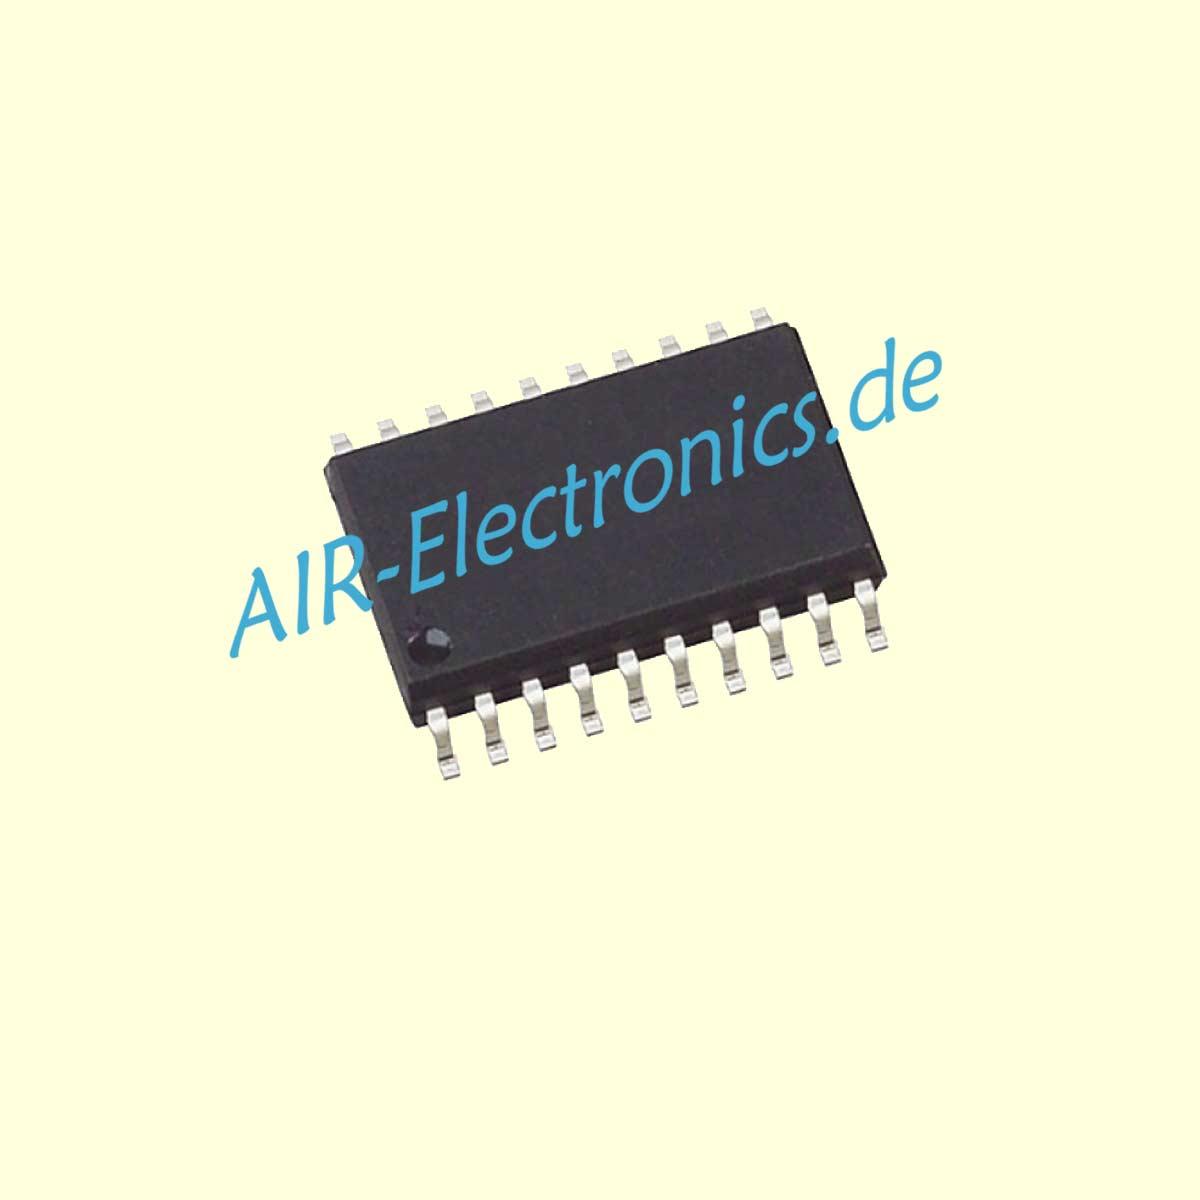 Attiny2313 20su Atmel Avr Mcu Six Pin Microcontrollers From Attiny10 Artikel Ist Bereits Auf Der Wunschliste Durchsuchen